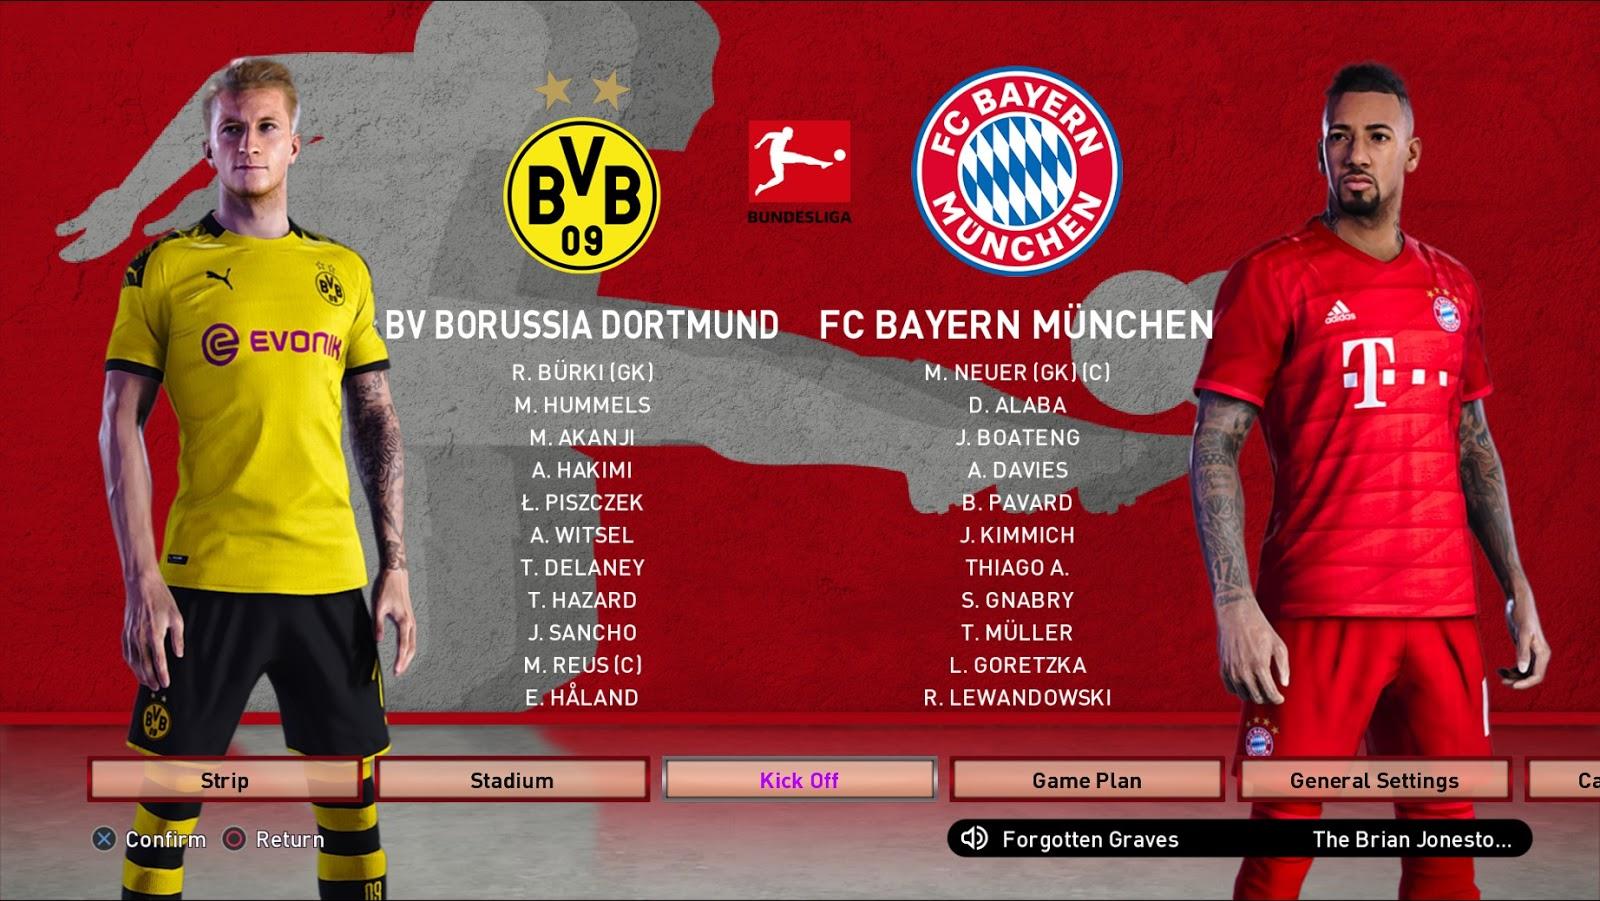 Tohle bude Souboj ! Borussia Dortmund proti FC Bayern Munich. Velice se nám líbí, že každá liga má své vlastní pozadí.